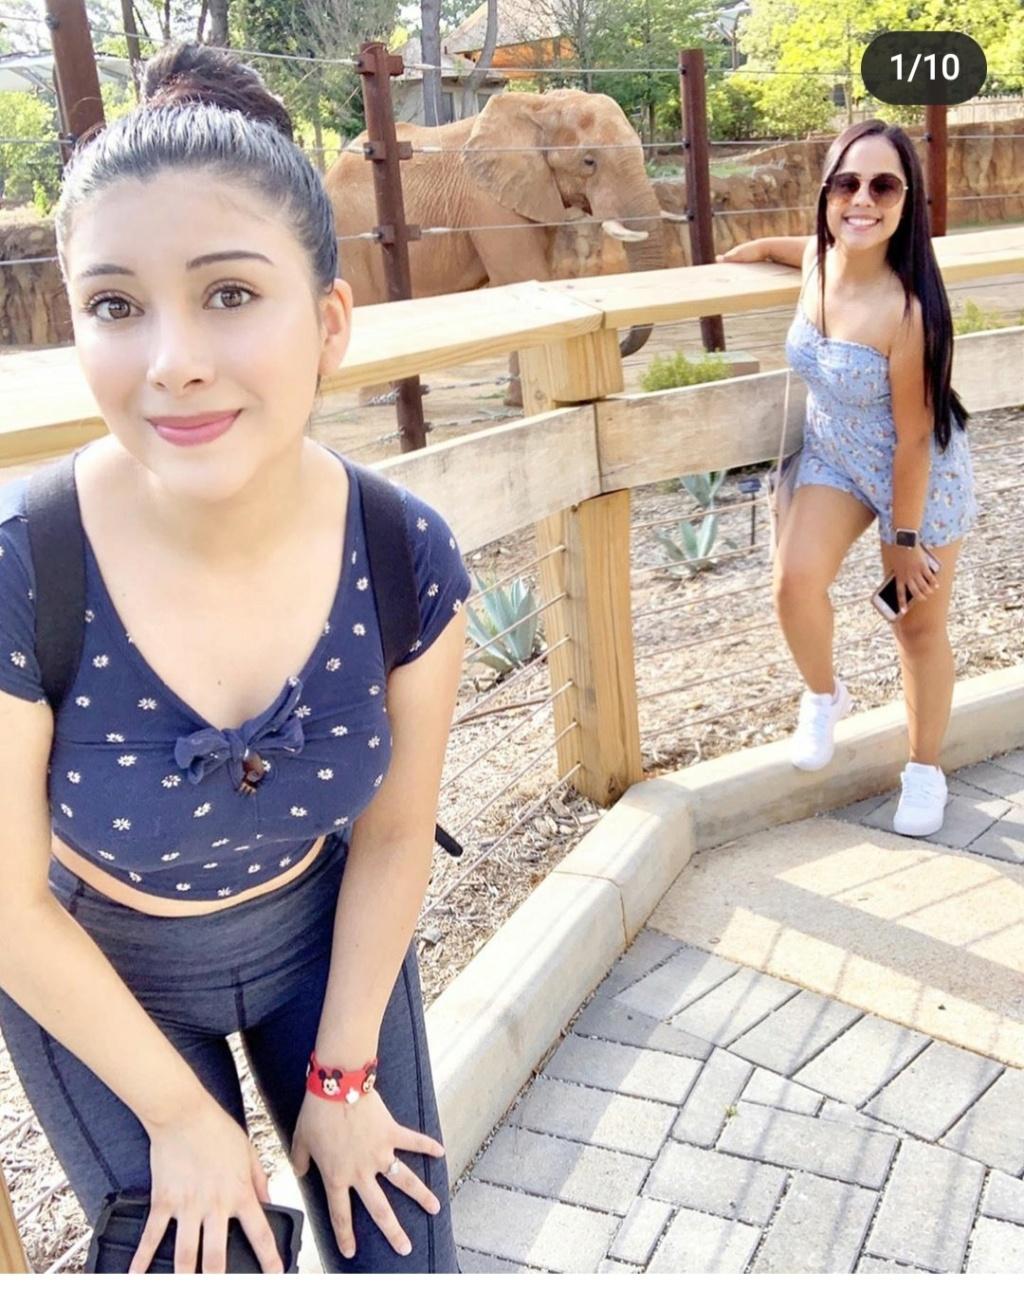 DEBATE sobre belleza, guapura y hermosura (fotos de chicas latinas, mestizas, y de todo) - VOL II - Página 6 Img_2242